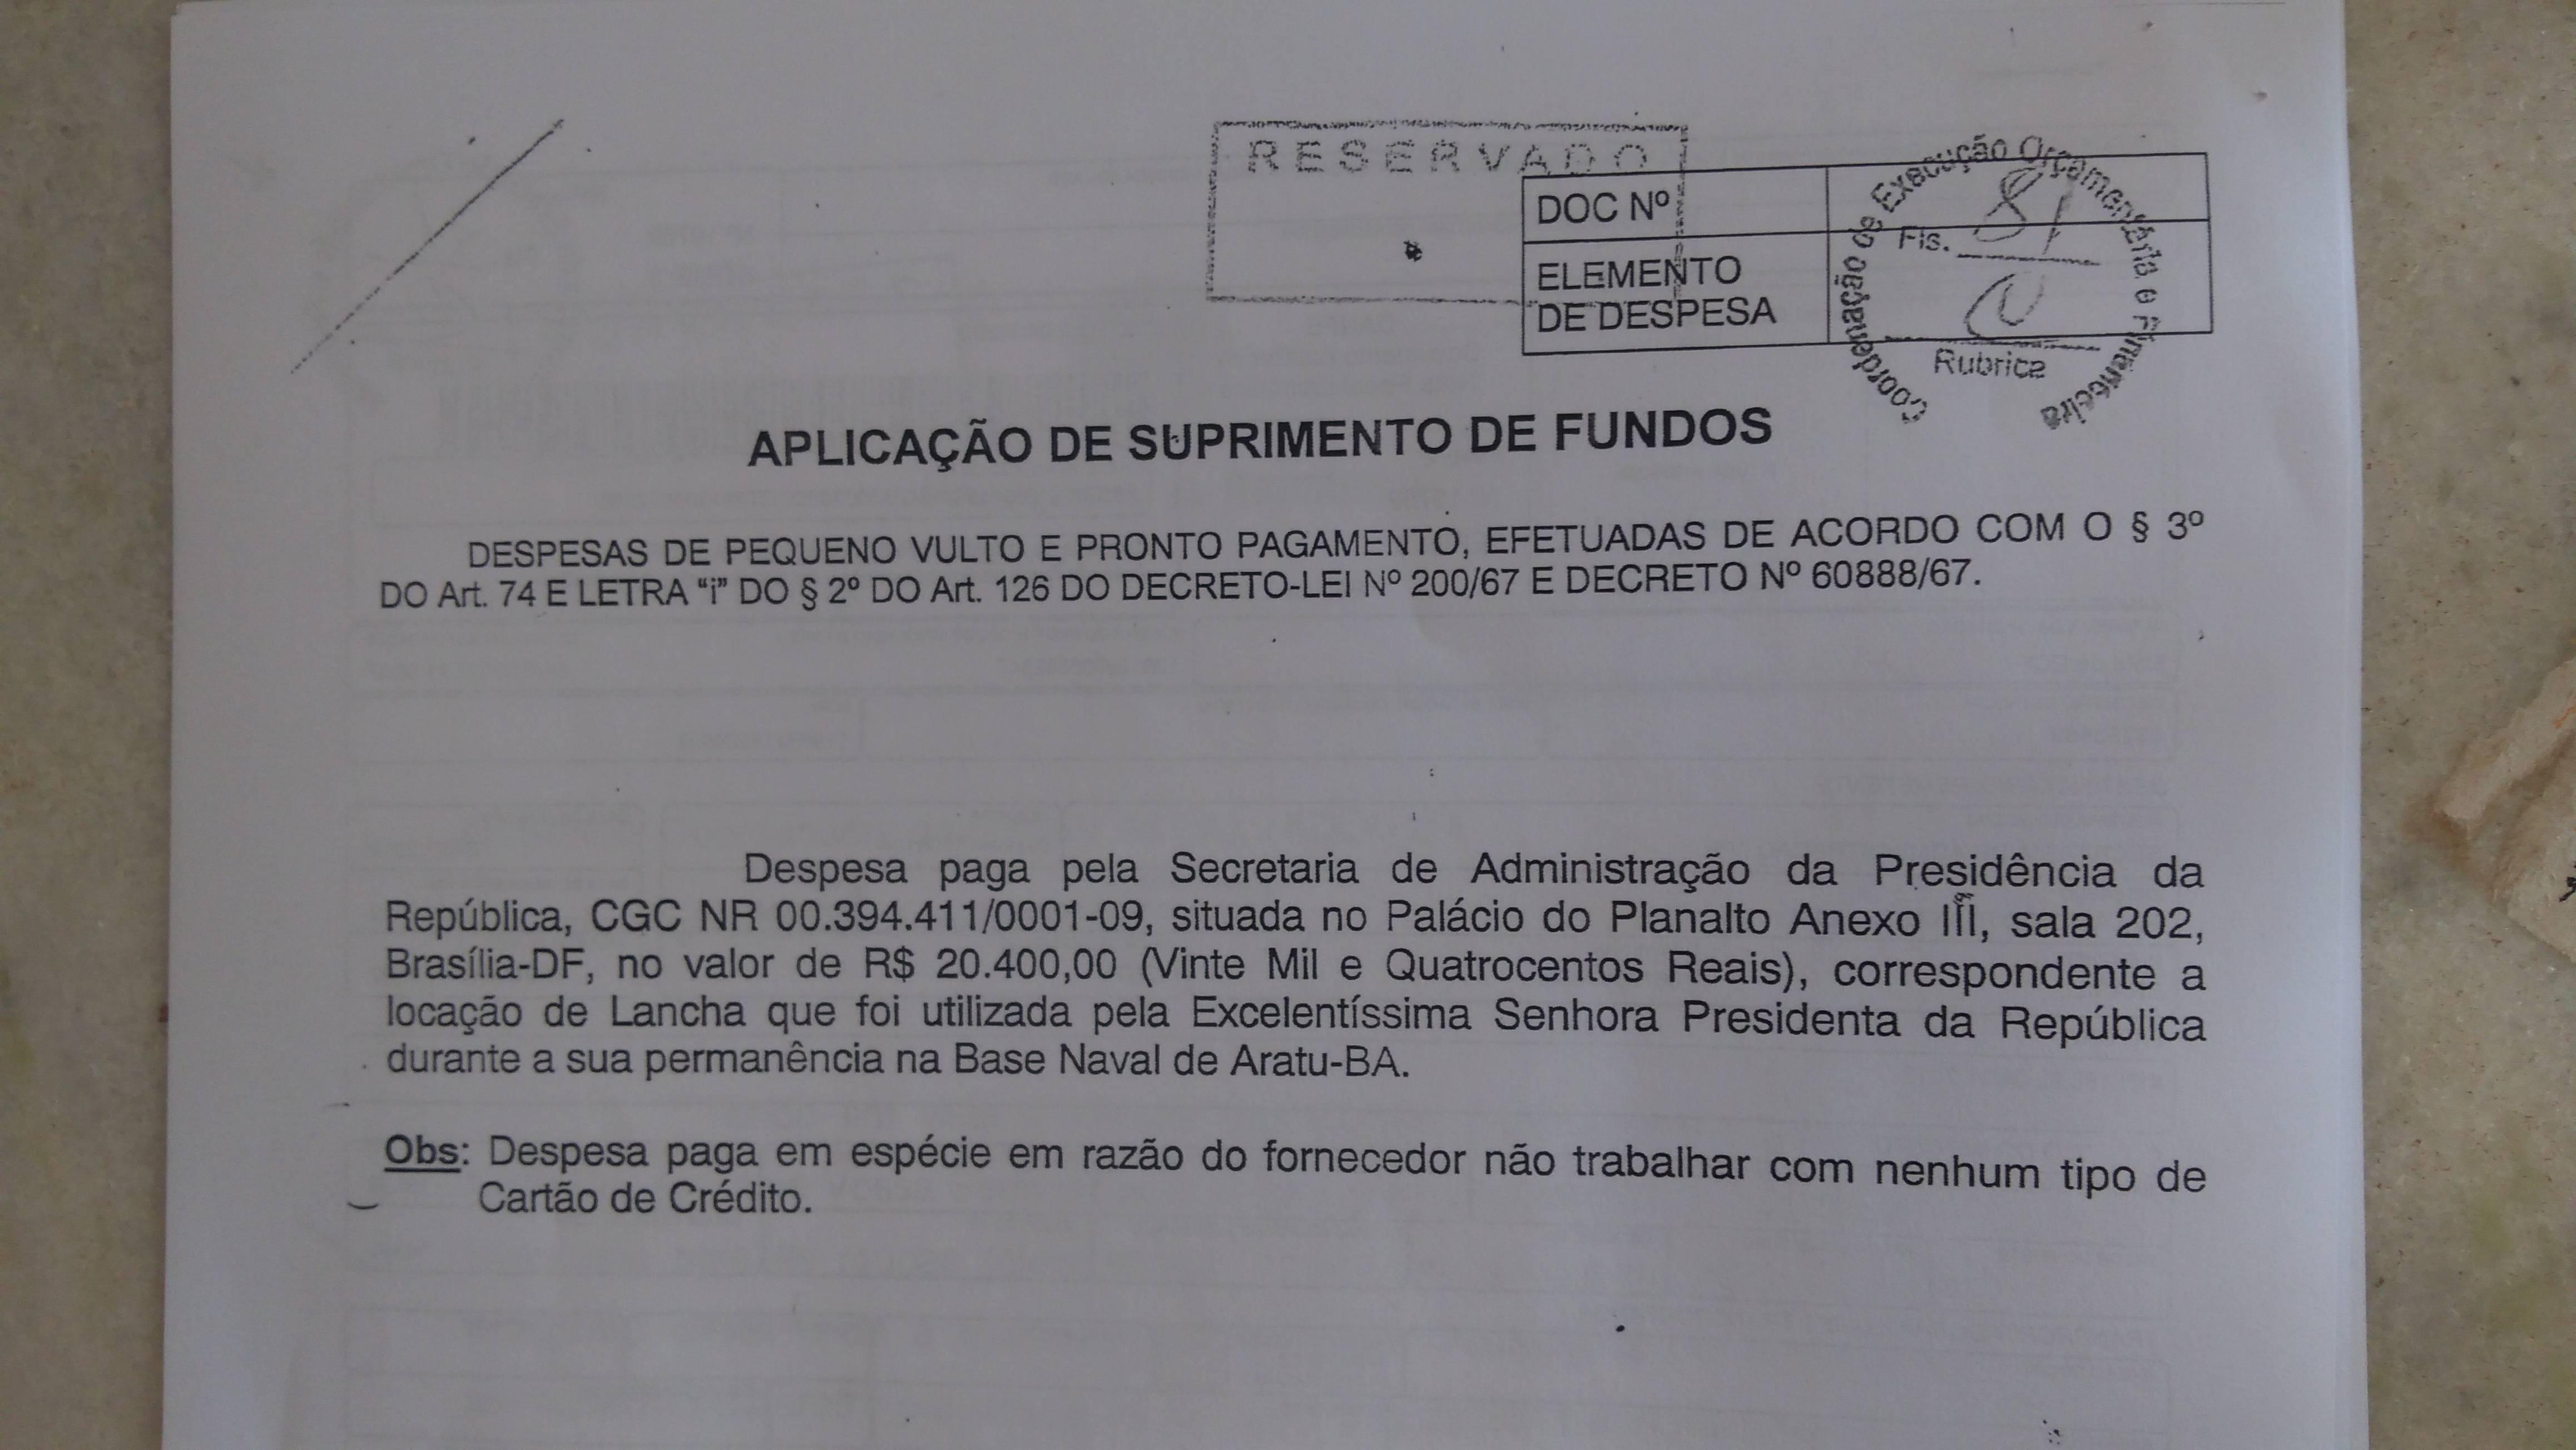 A prestação de contas dos cartões corporativos da Presidência mostra quanto custou o passeio de lancha. Reprodução dos Arquivos da Presidência da República.